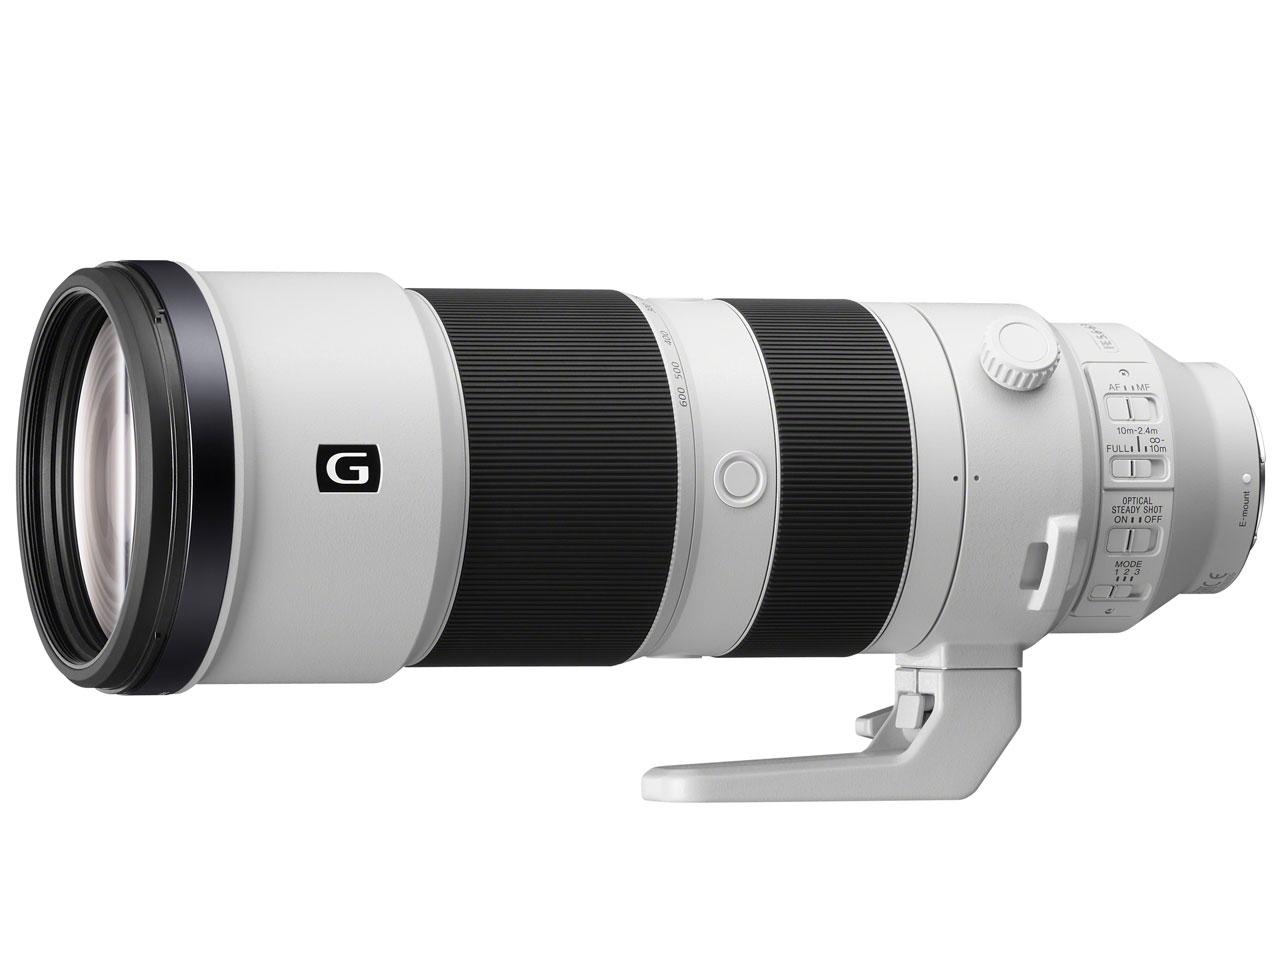 【即納・在庫あり】SONY(ソニー) FE 200-600mm F5.6-6.3 G OSS SEL200600G 望遠ズーム JAN:4548736099791